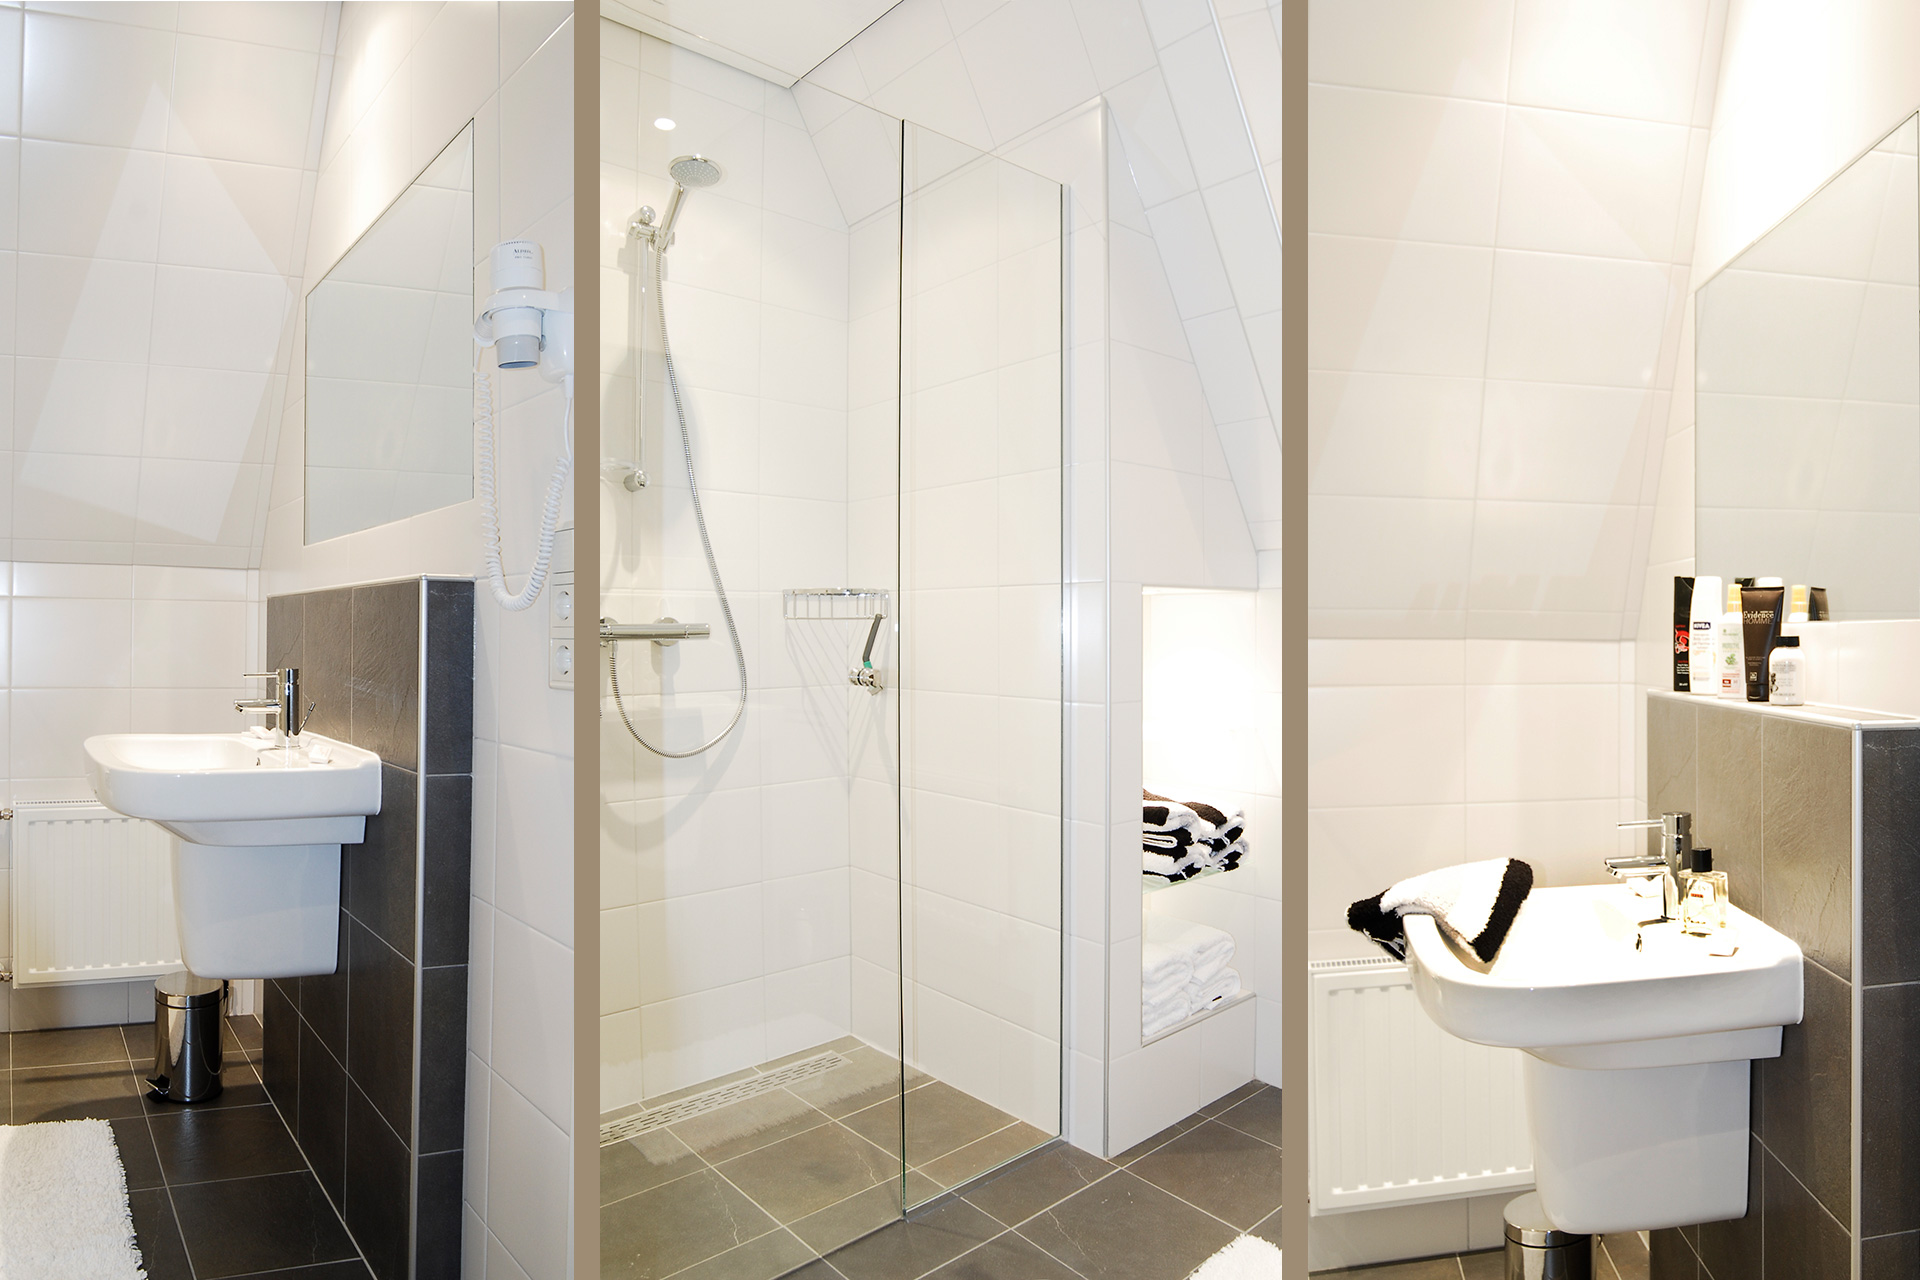 badkamer-hotelkodde-2